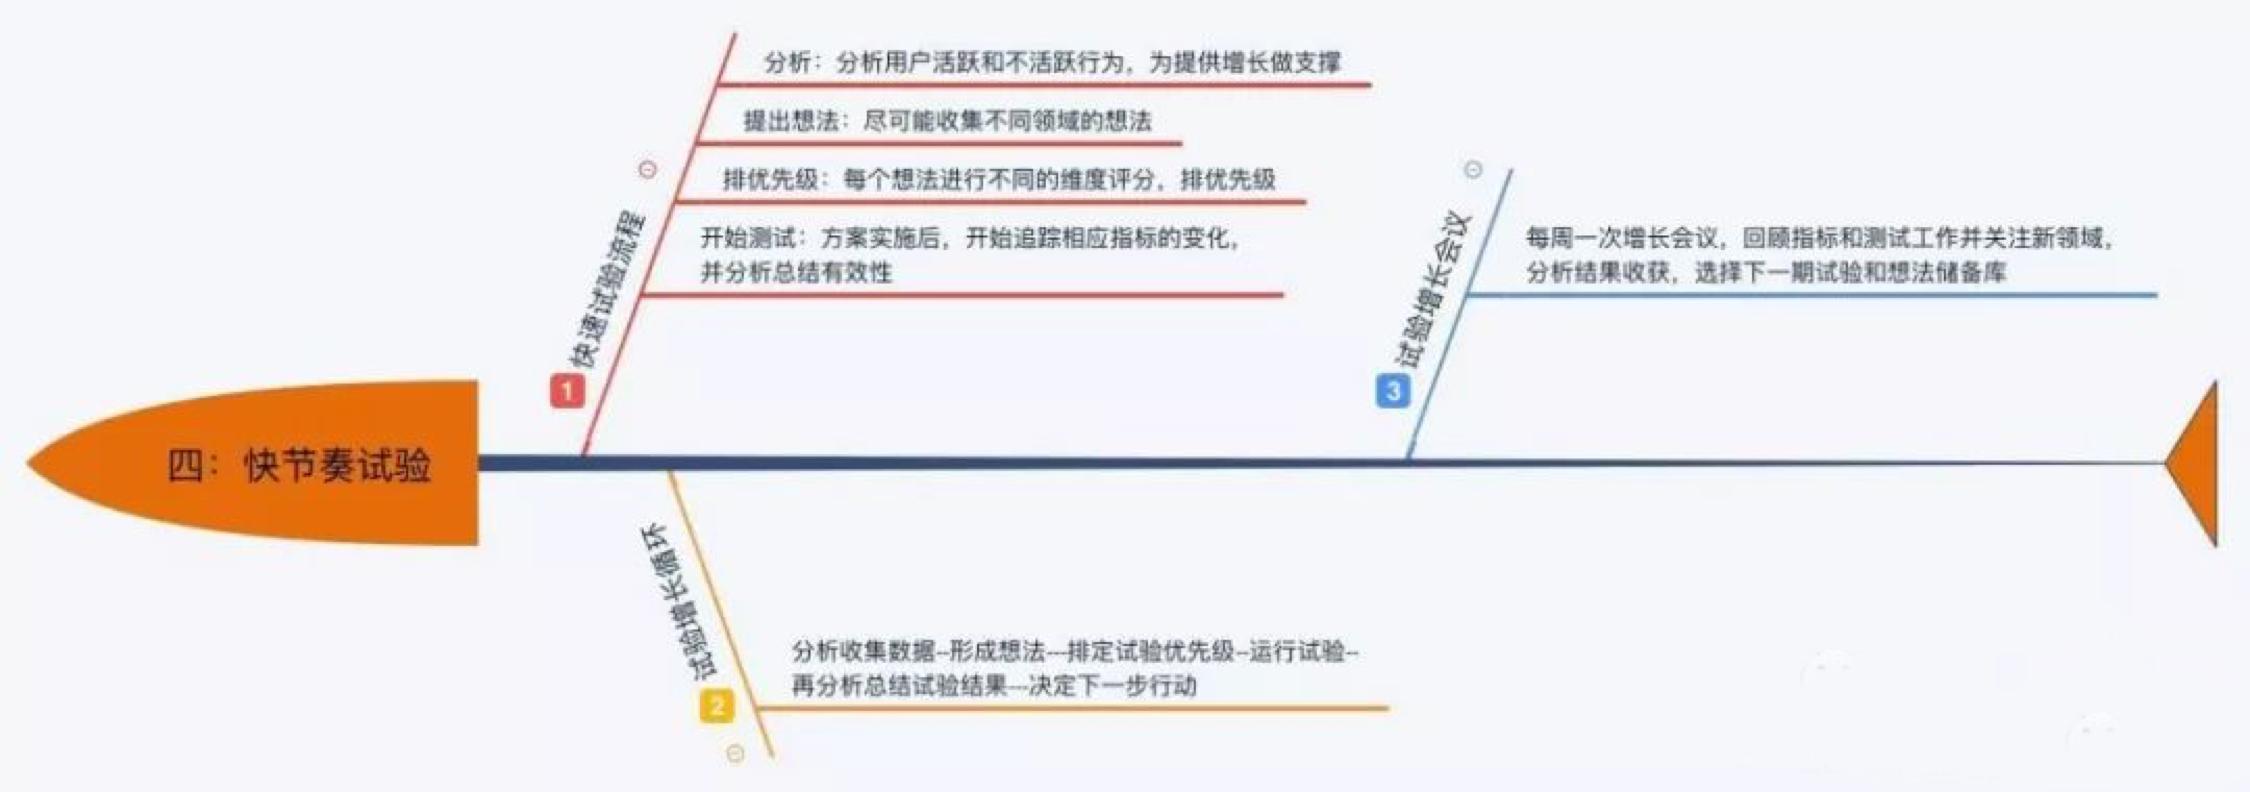 鸟哥笔记,新媒体运营,王晓灿,内容运营,文案